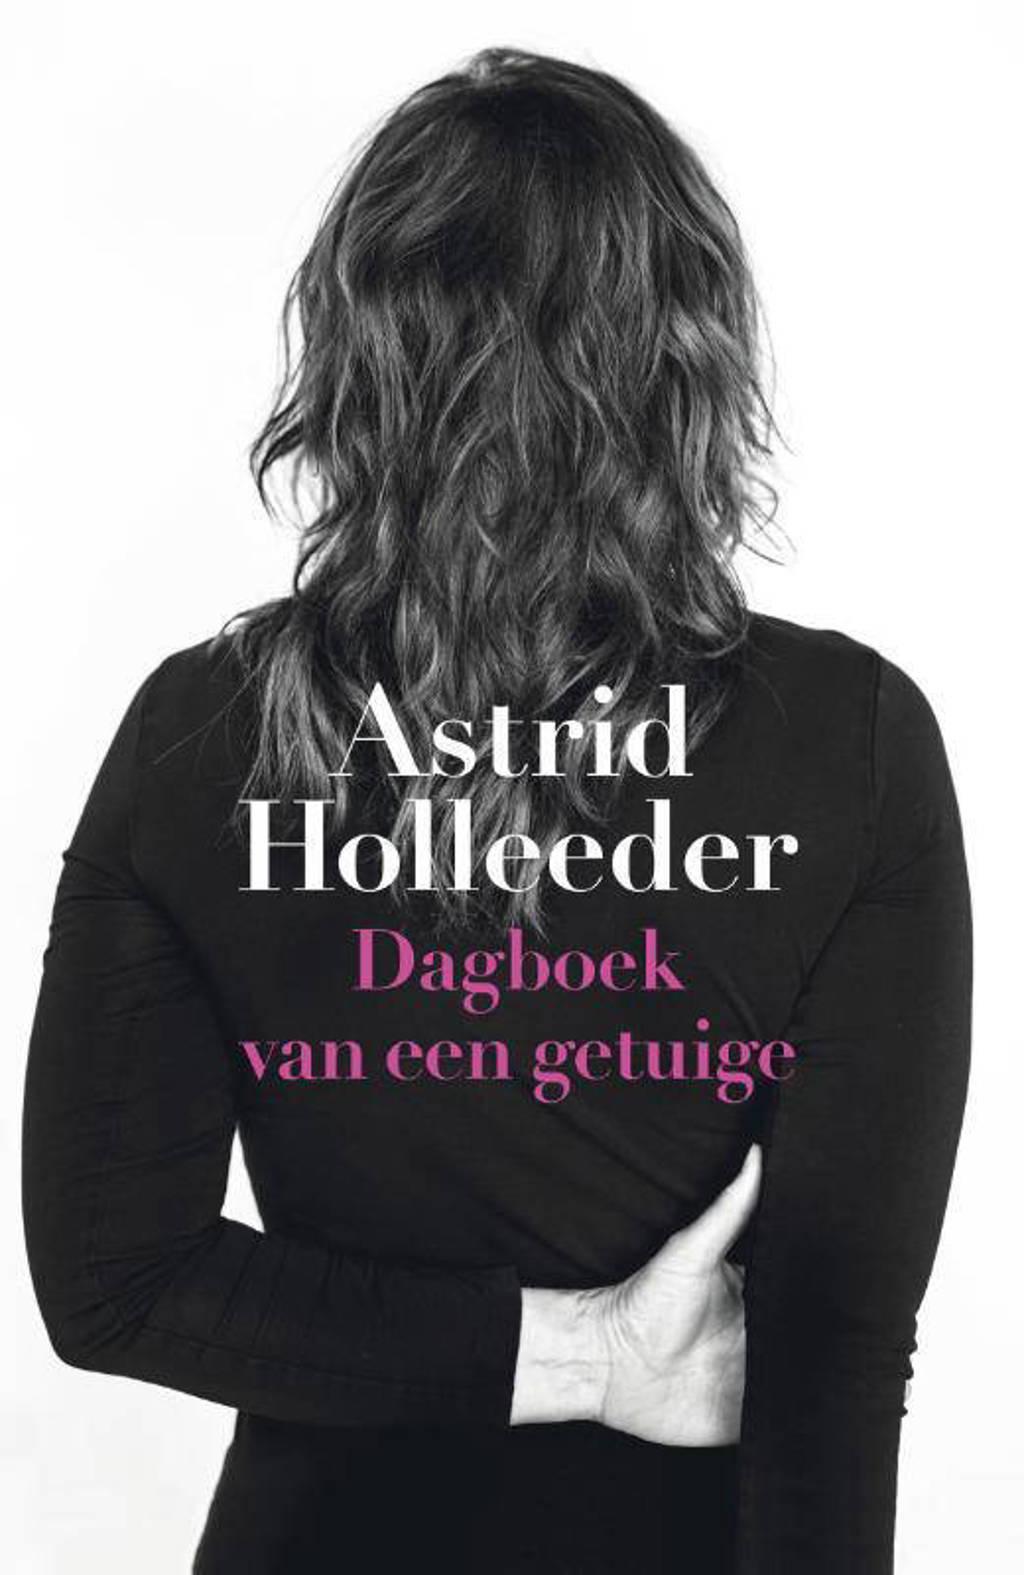 De Holleeder trilogie: Dagboek van een getuige - Astrid Holleeder